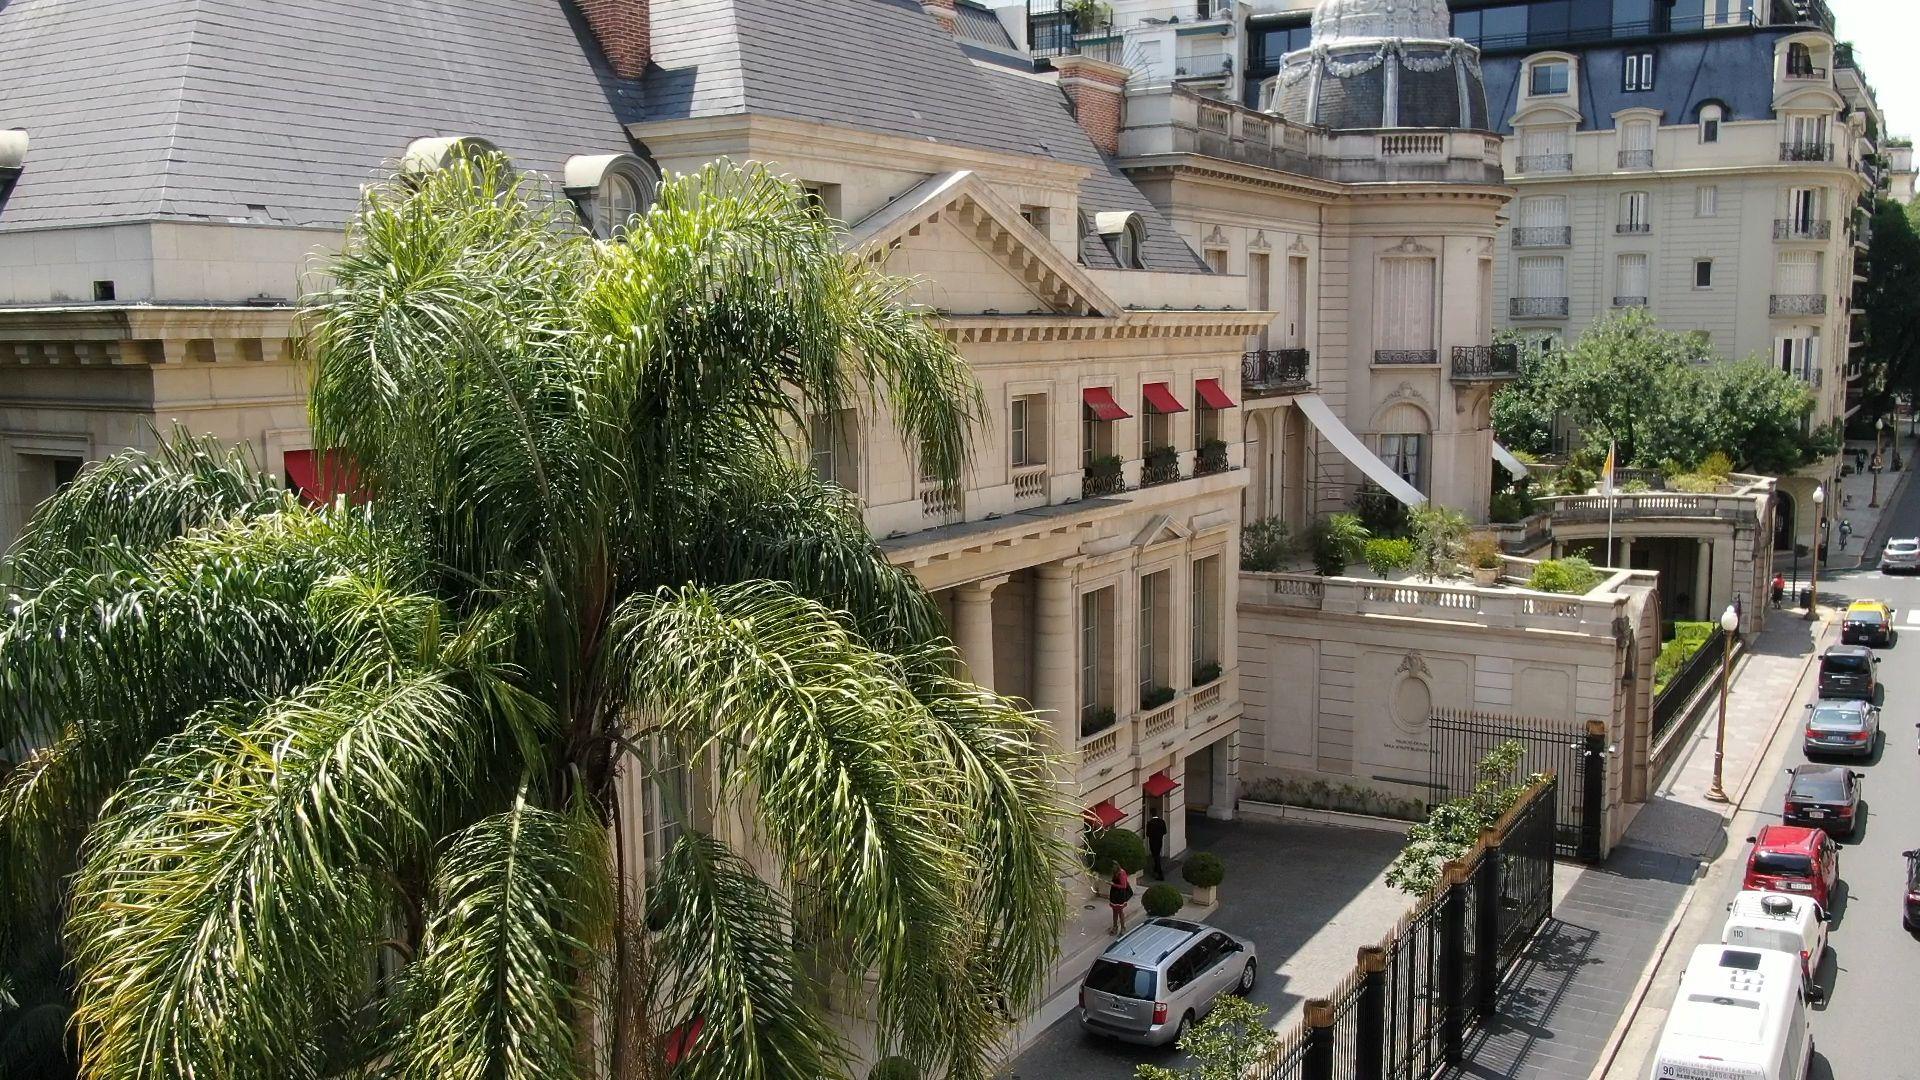 La fachada del Palacio Duhau - Park Hyatt (Thomas Khazki)